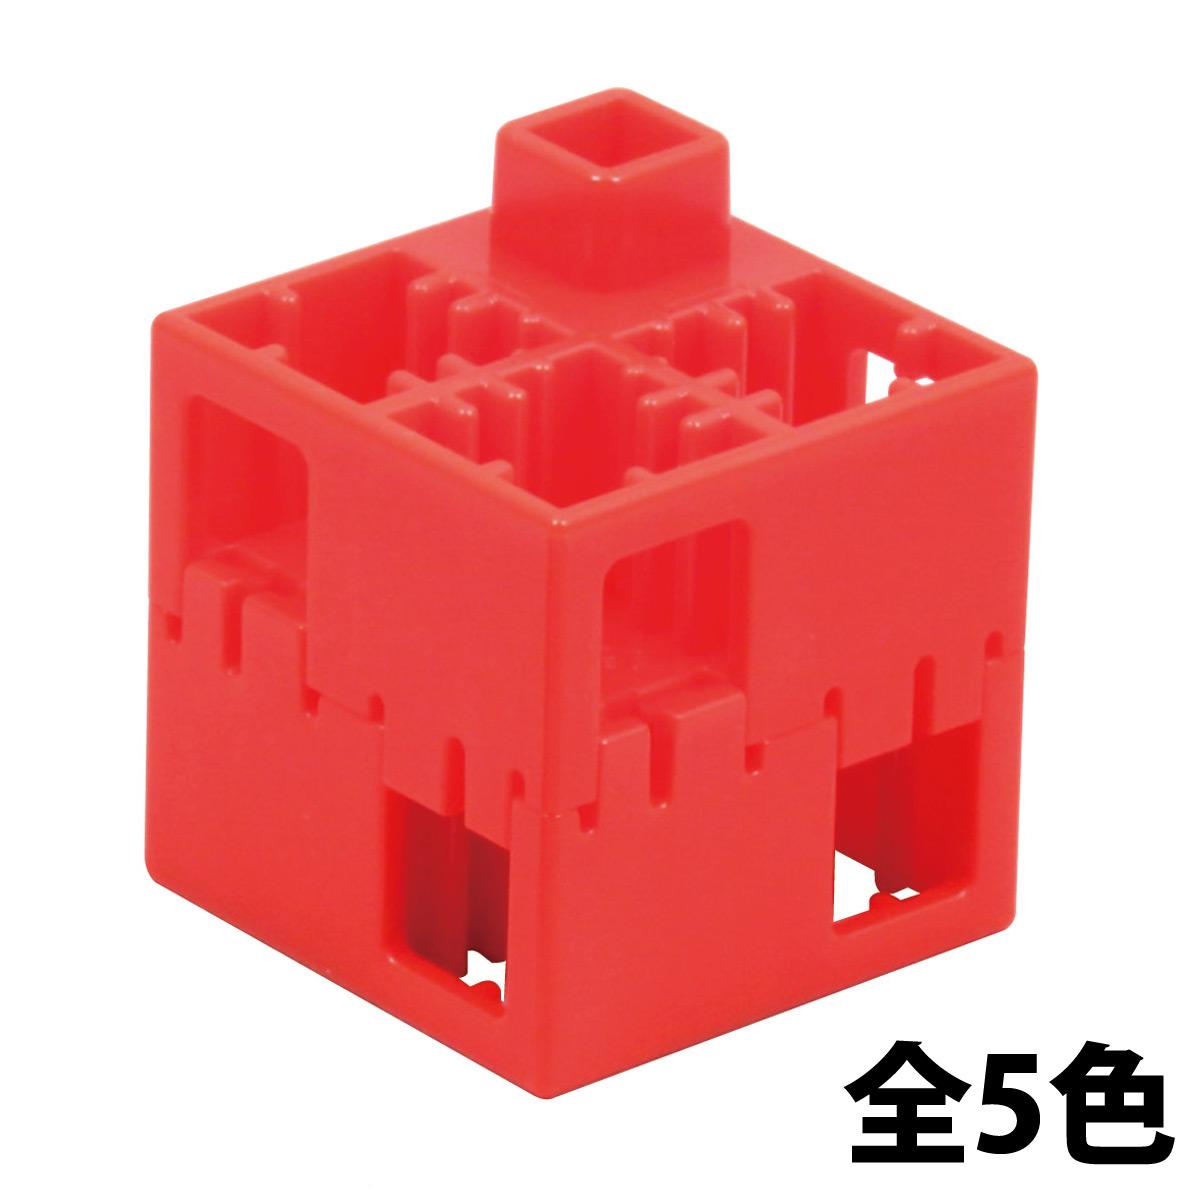 アーテックブロック L ブロック おもちゃ 四角単品 6ピースセット(1色) 日本製 ゲーム 玩具 レゴ・レゴブロックのように自由に遊べます